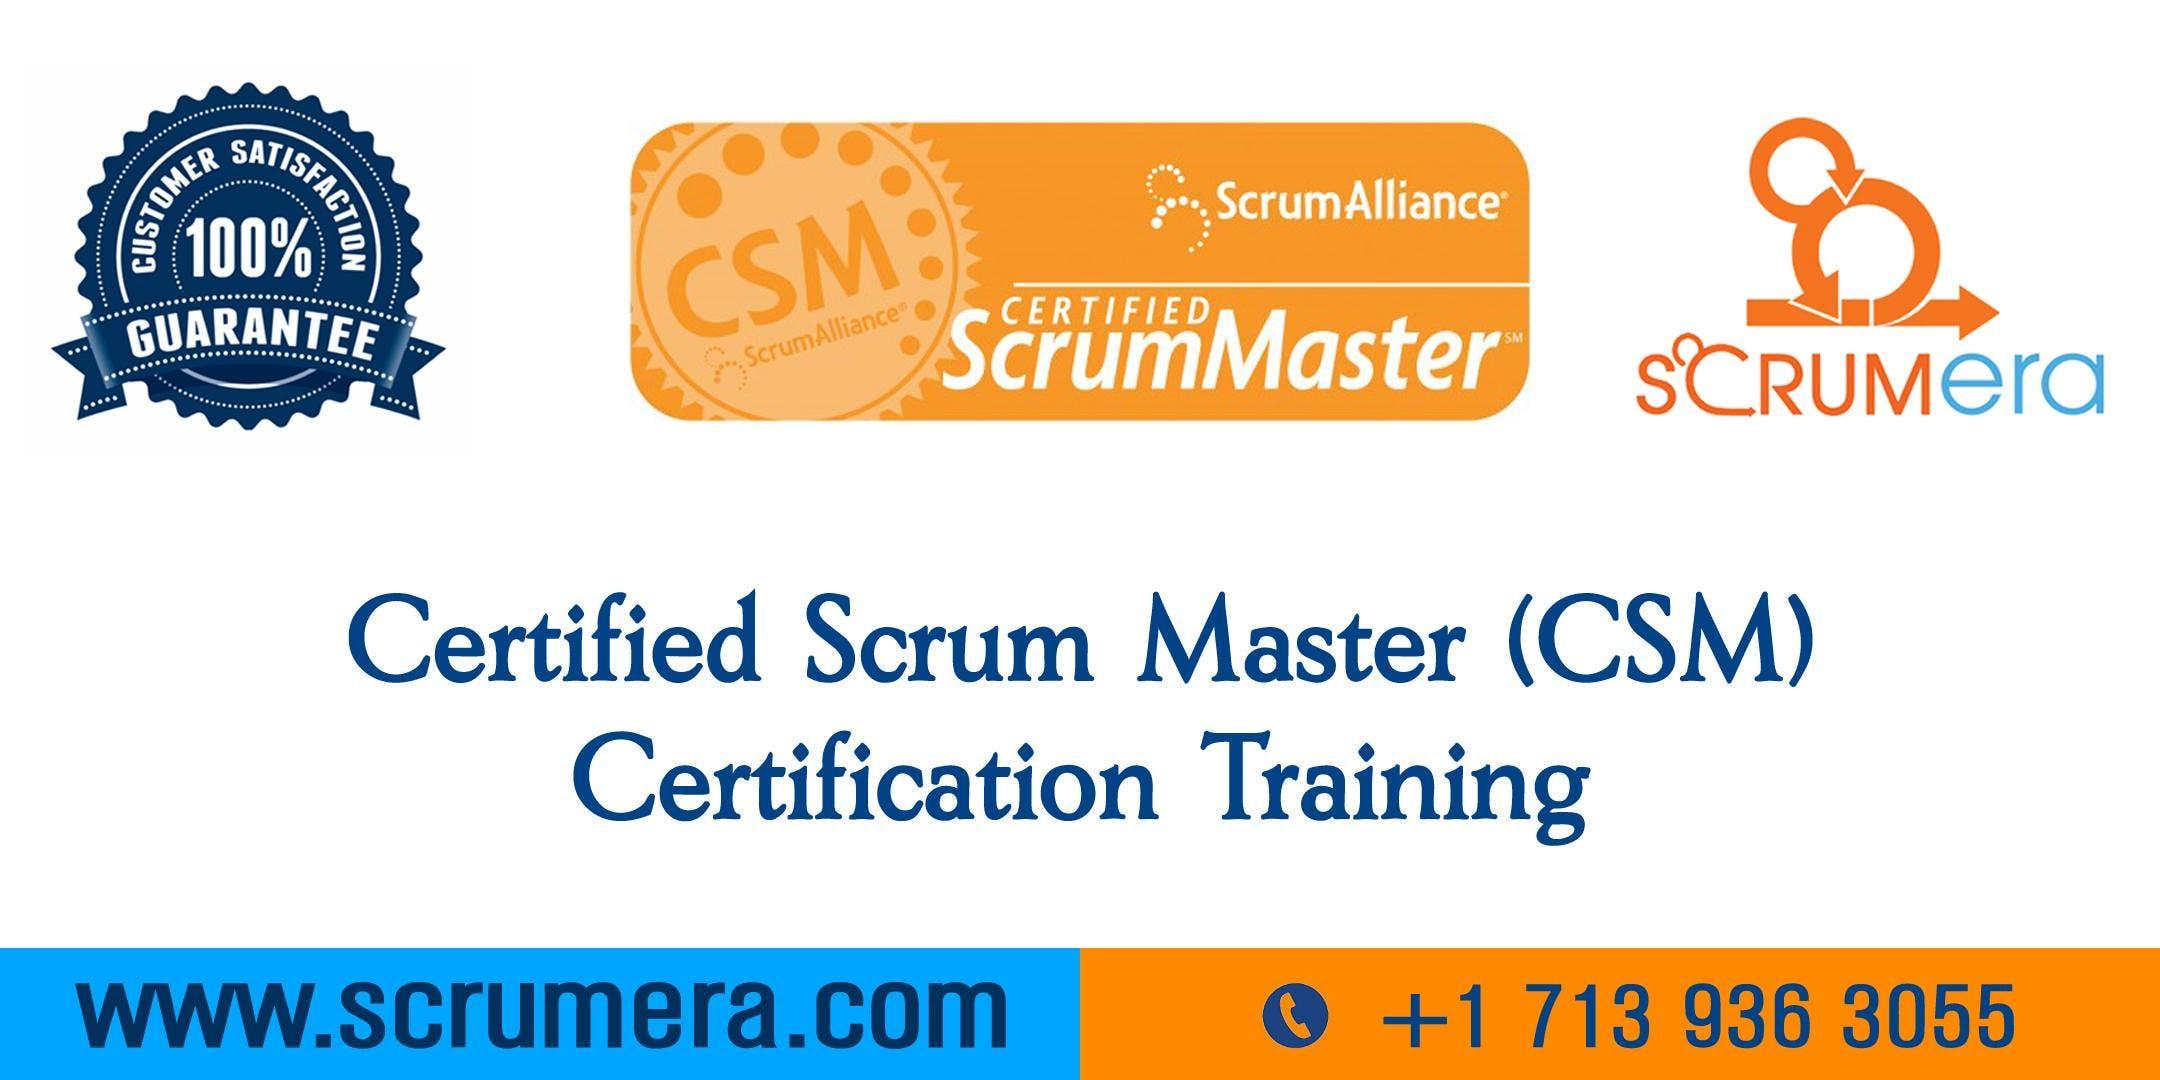 Scrum Master Certification   CSM Training   CSM Certification Workshop   Certified Scrum Master (CSM) Training in Mesa, AZ   ScrumERA